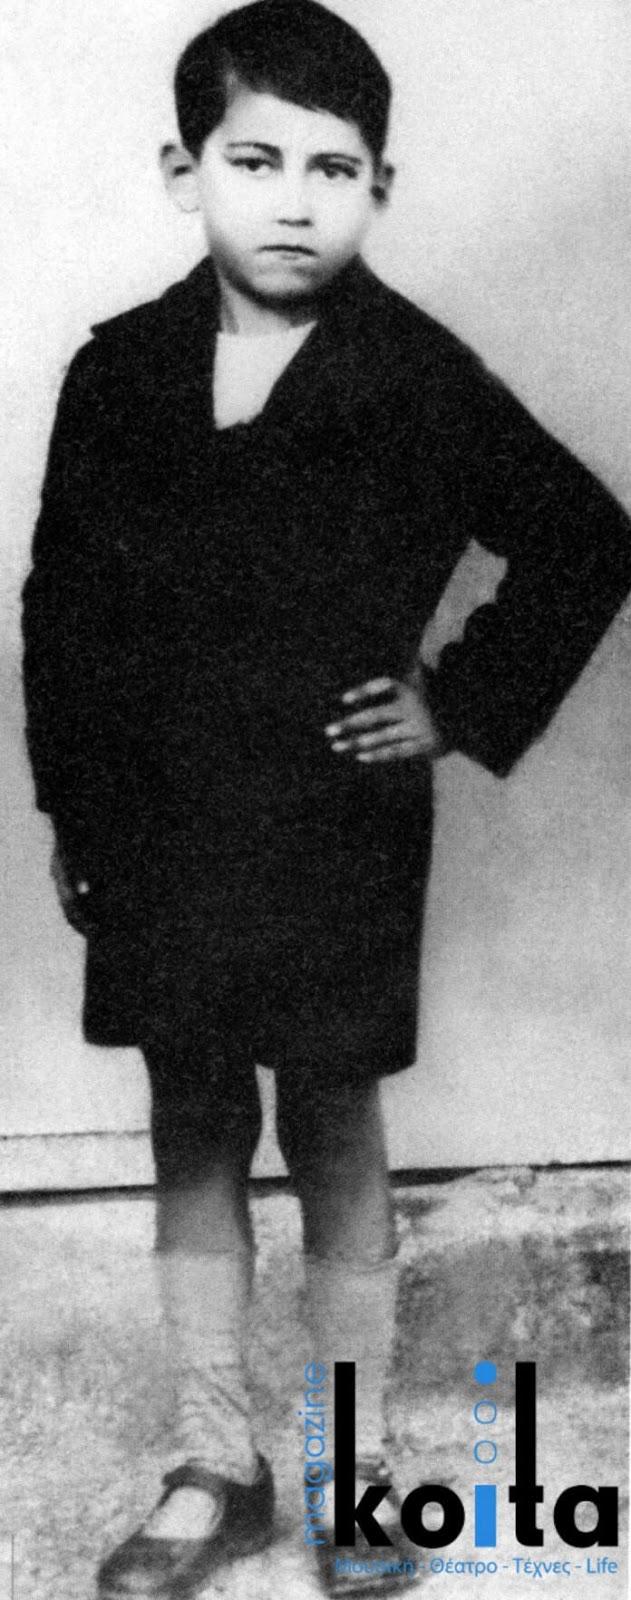 Ο Θανάσης Βέγγος μικρό παιδί, δεκαετία του 1920